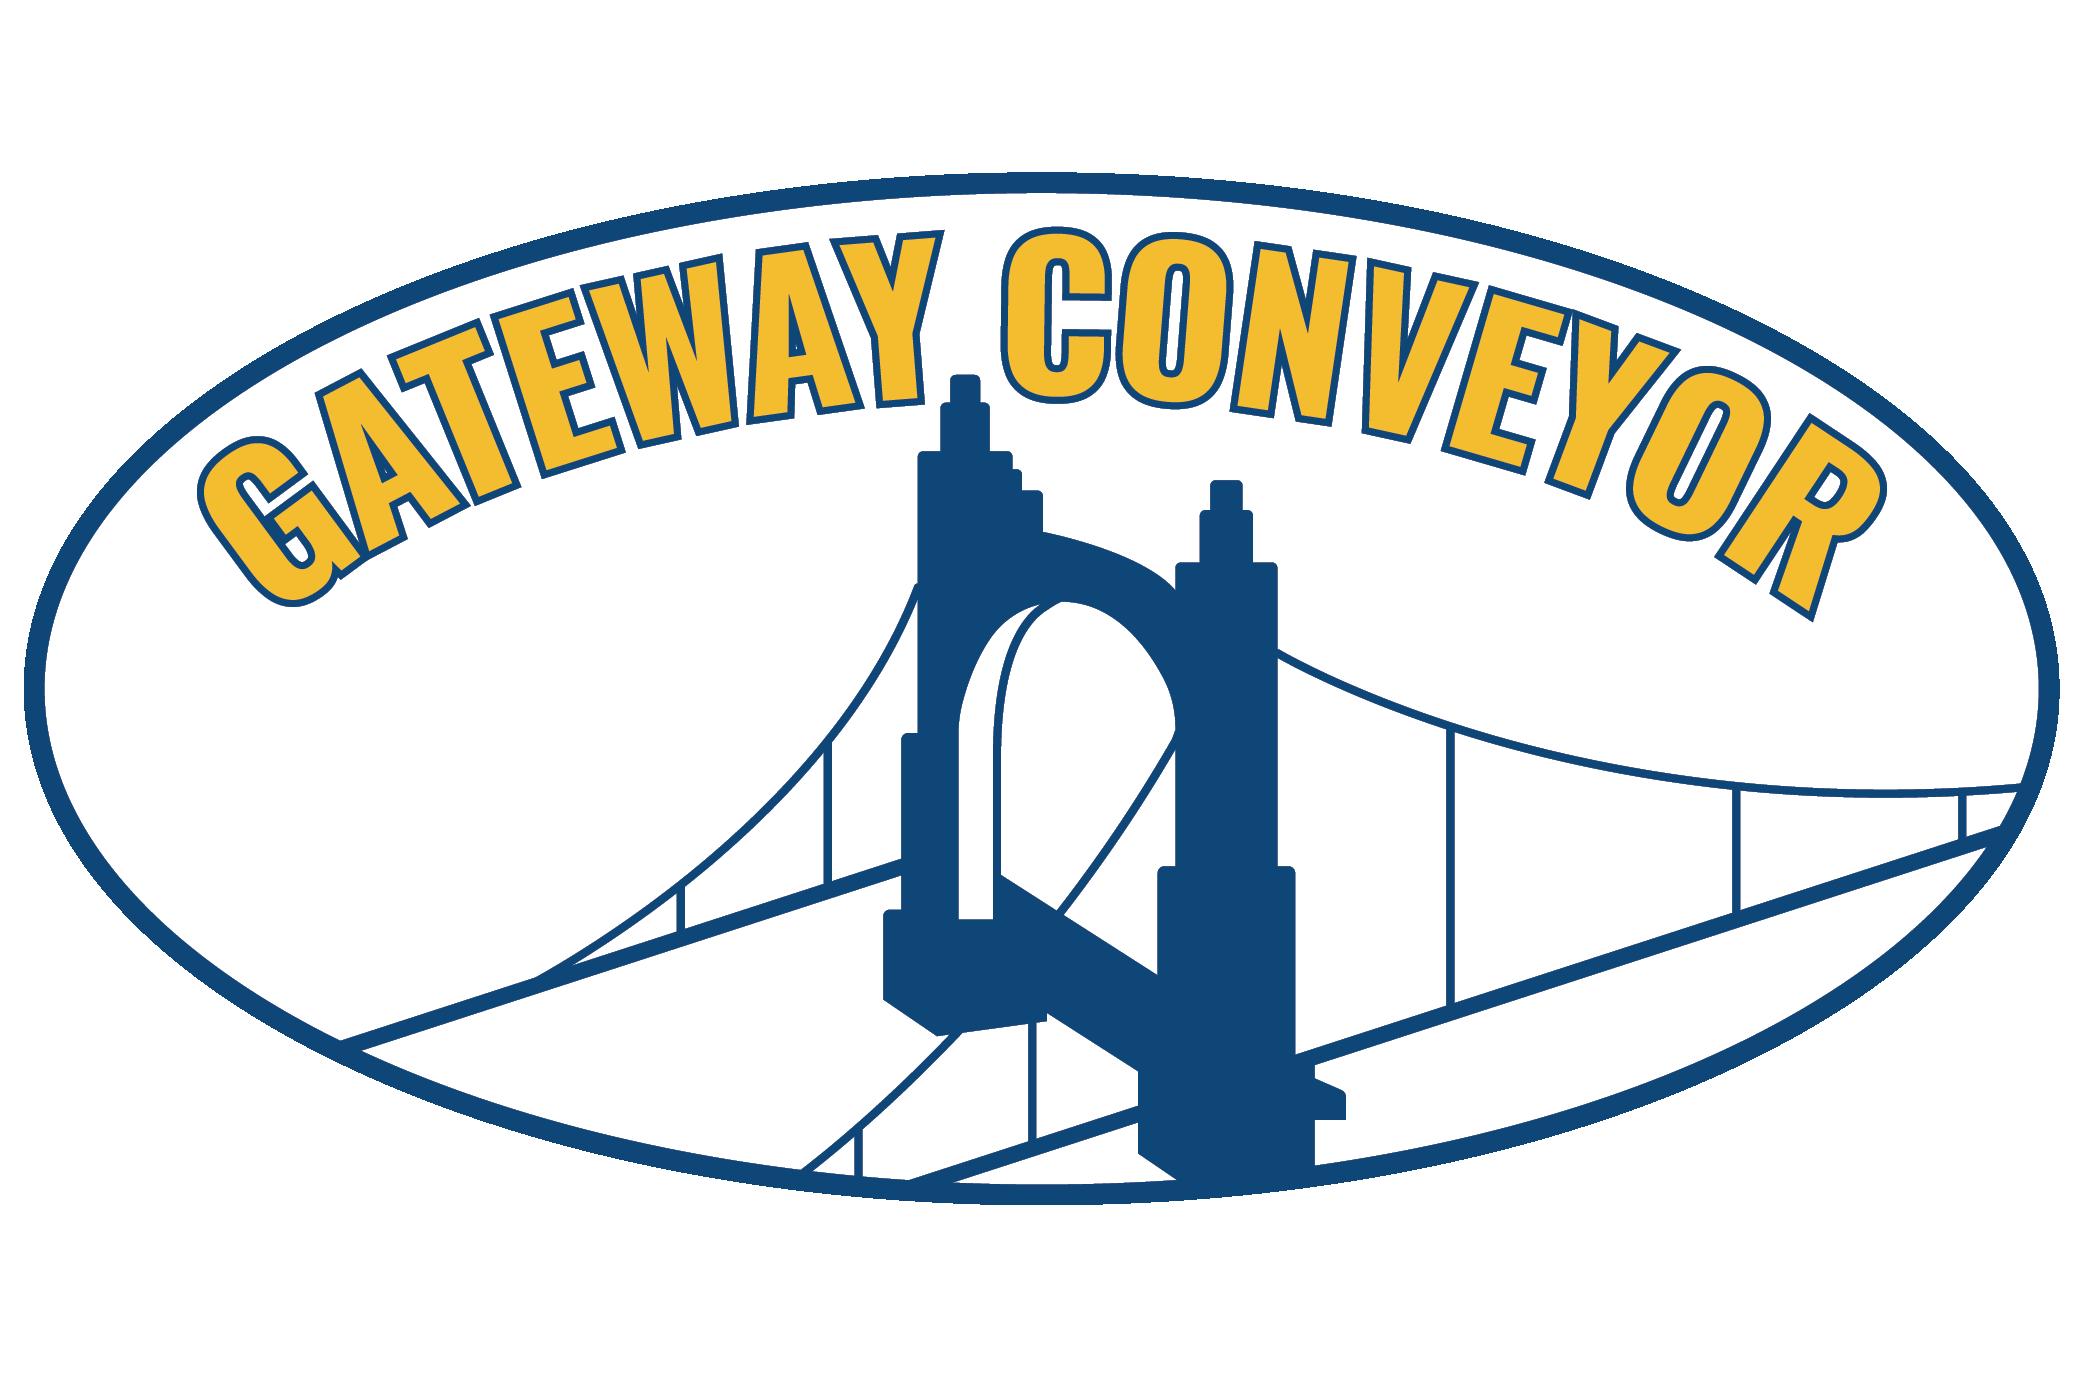 Gateway Conveyor